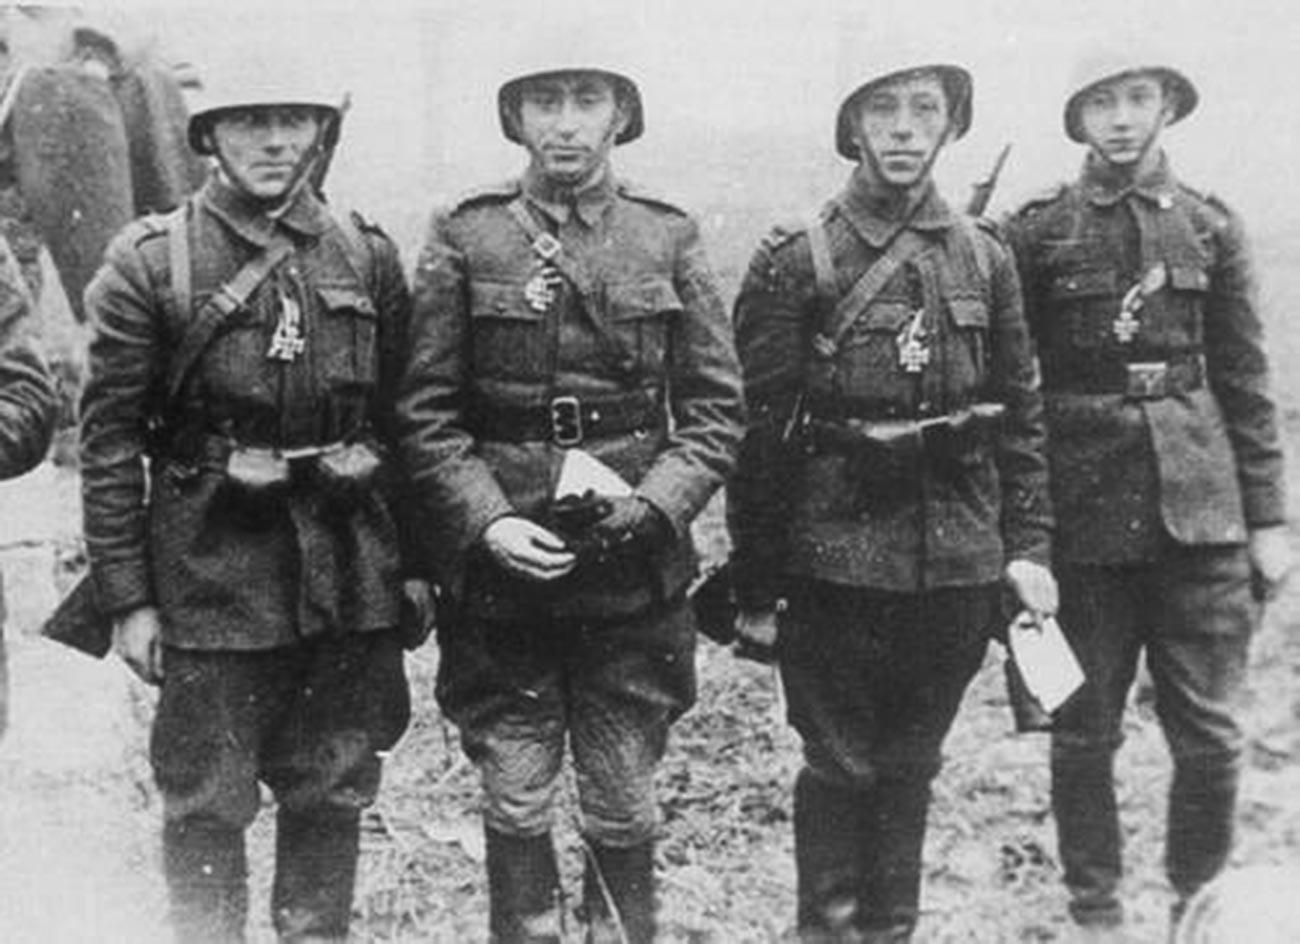 Soldados de la octava brigada de caballería después de recibir la Cruz de Hierro. Crimea, 7 de enero de 1942.